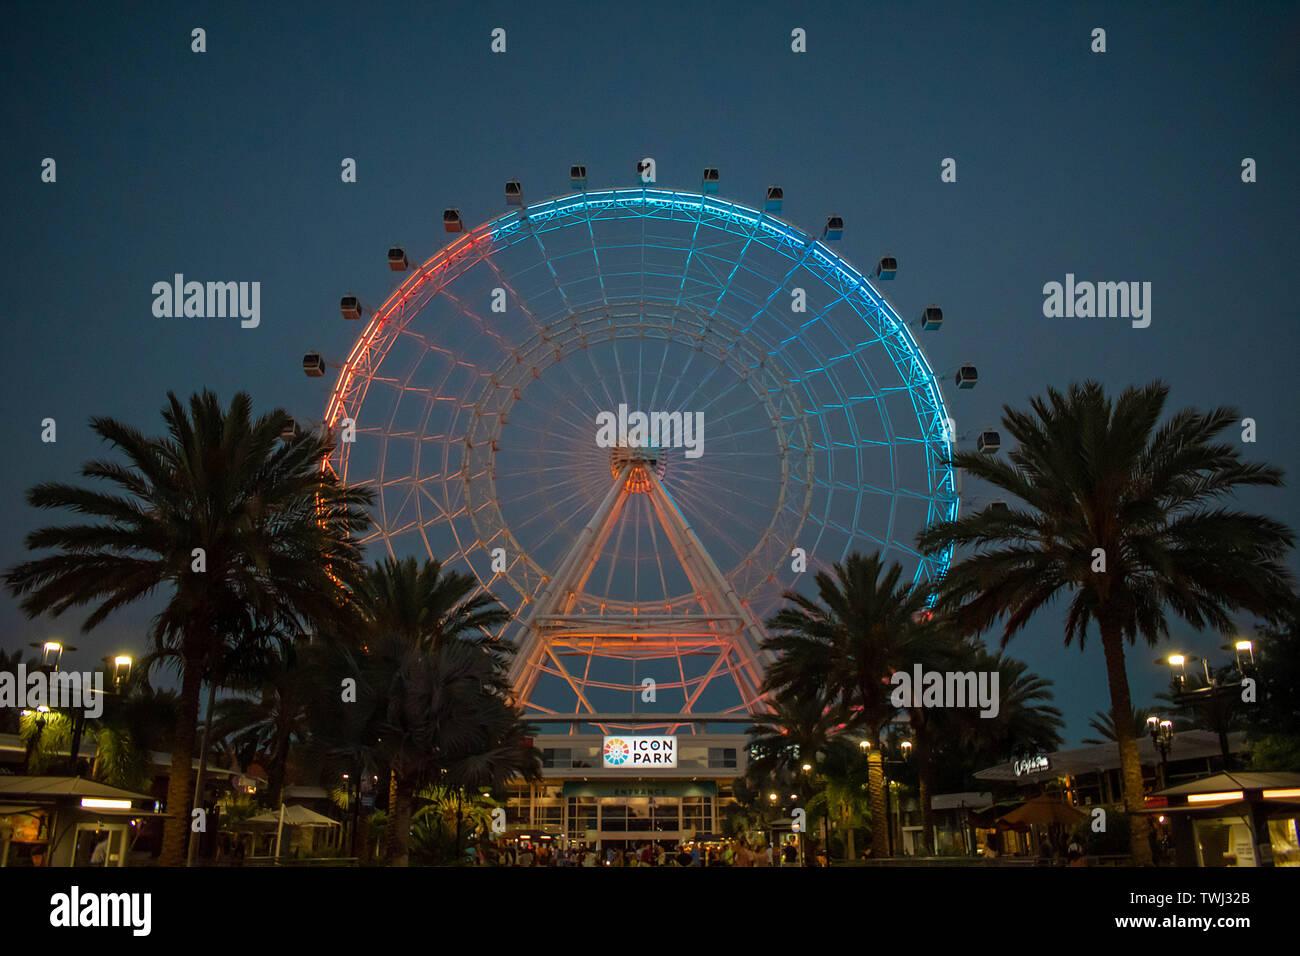 Orlando, Florida. Maggio 26, 2019. Orlando occhio è un 400 piedi di altezza ruota panoramica Ferris, nel cuore di International Drive area Foto Stock